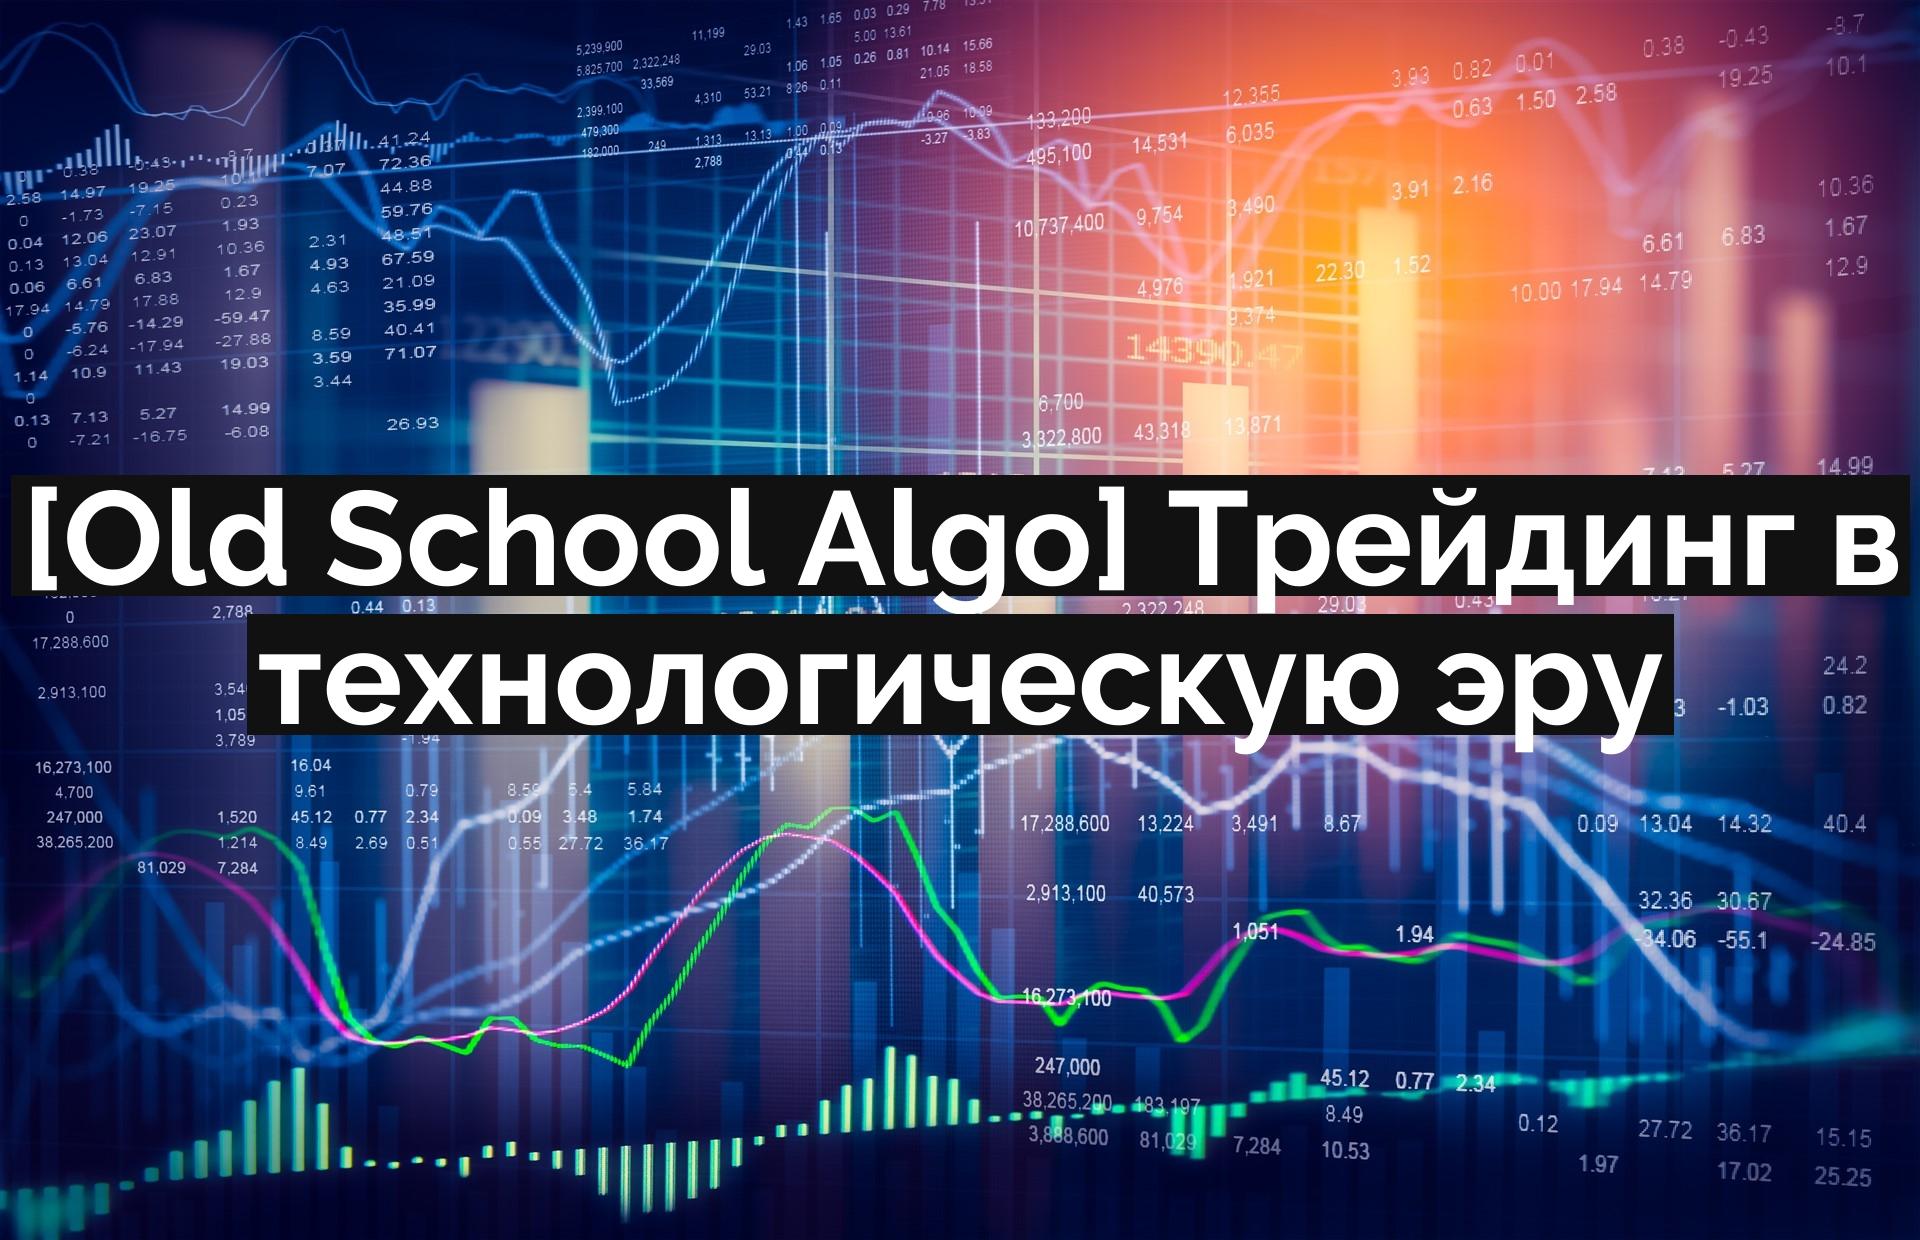 [Old School Algo] Трейдинг в технологическую эру